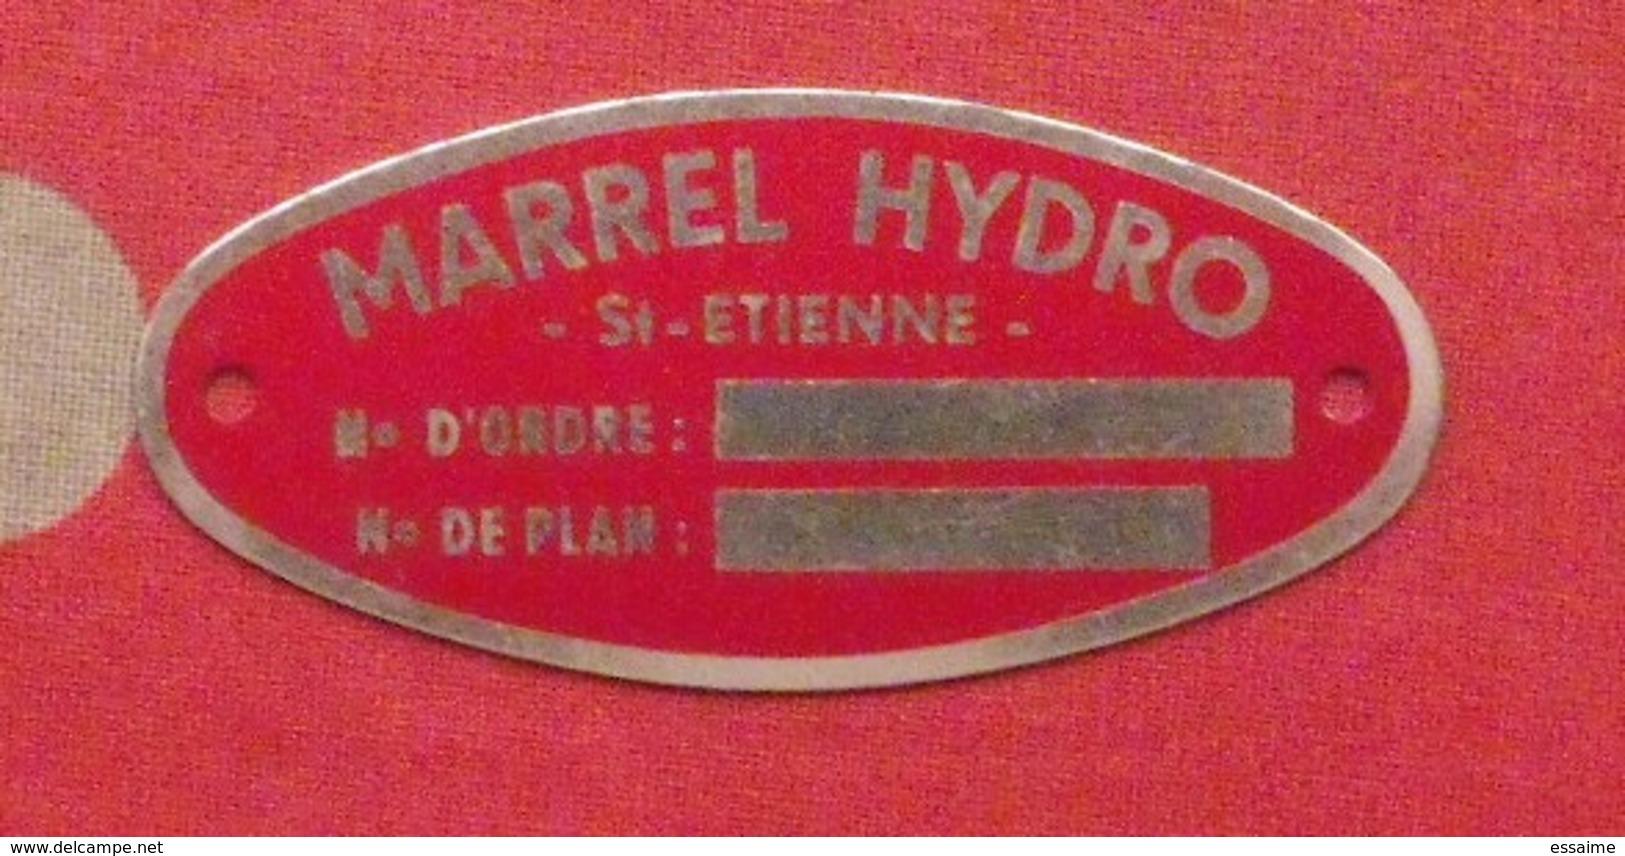 Plaque Métal Publicitaire Marrel Hydro. Vers 1960 - Plaques Publicitaires